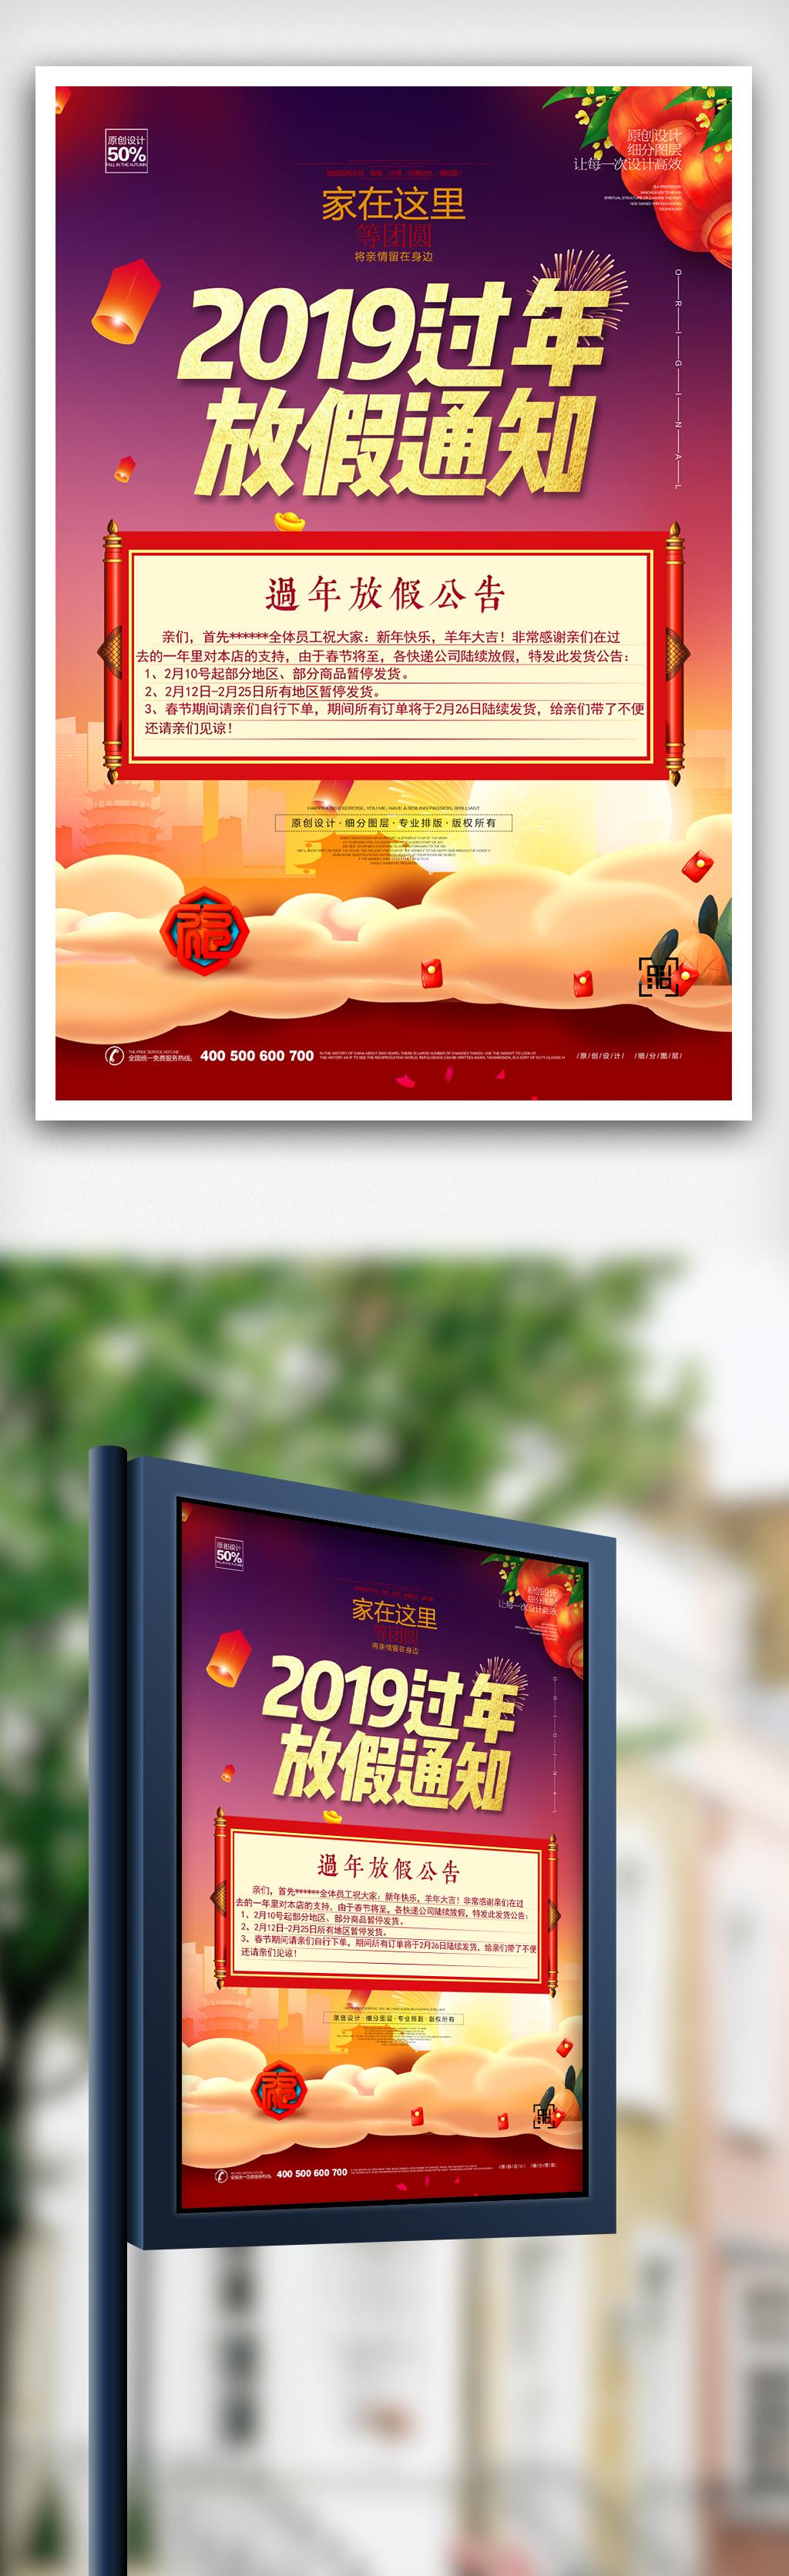 2019新年放假通知海报模板设计素材是用户18786726277在2018-10-31 09